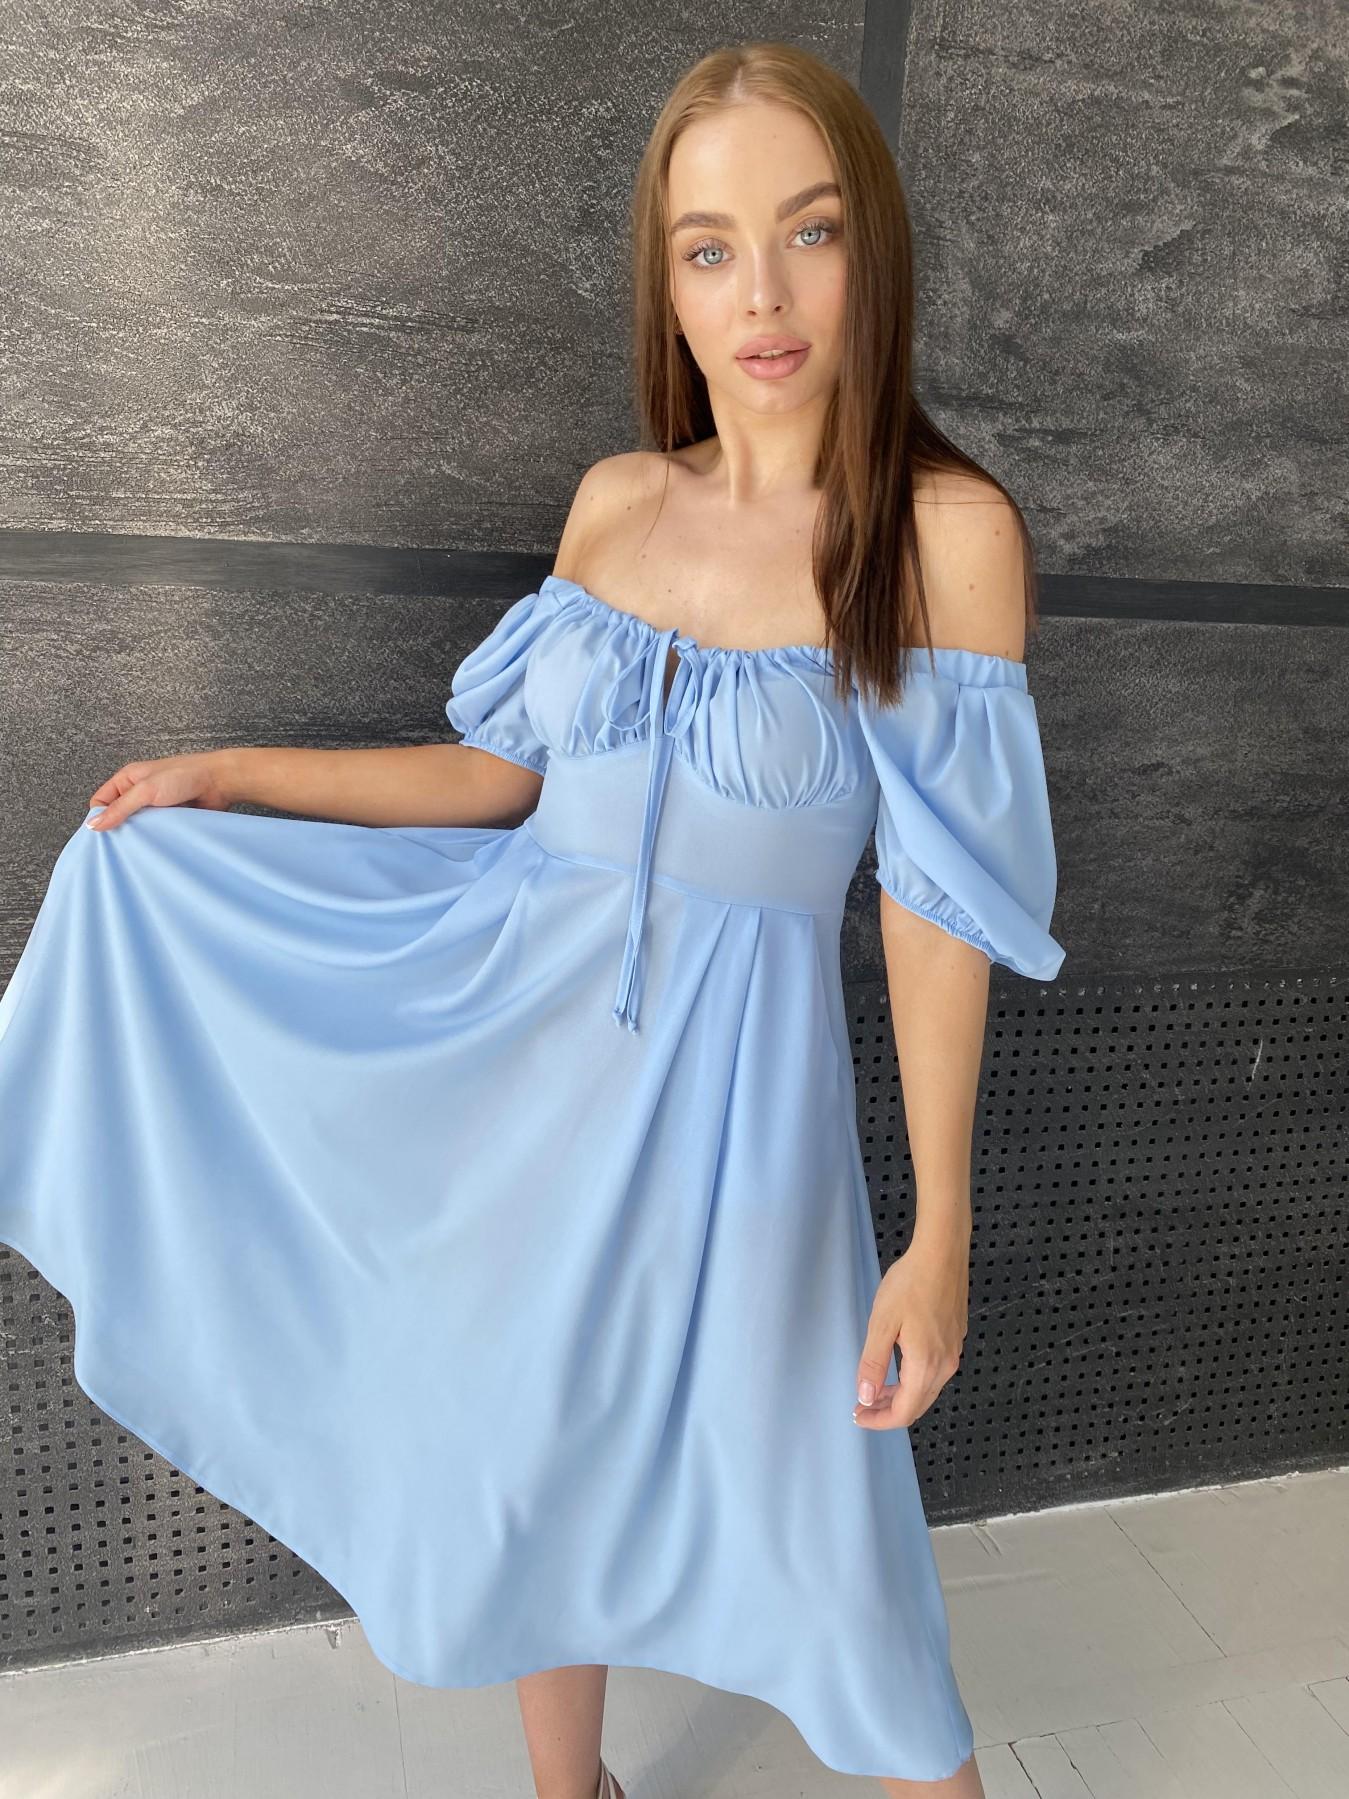 Кисес Миди платье из шифона креп 11443 АРТ. 48206 Цвет: Голубой 18 - фото 1, интернет магазин tm-modus.ru